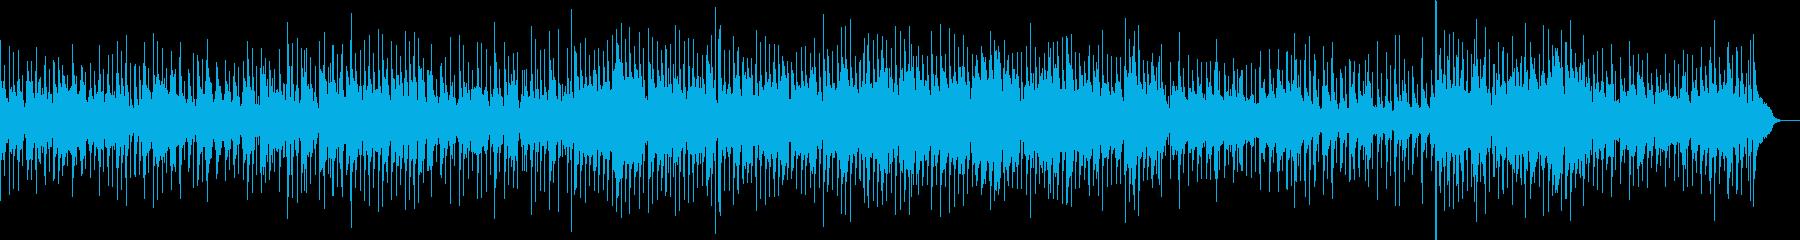 オシャレで哀愁漂うスロー・ジャズの再生済みの波形